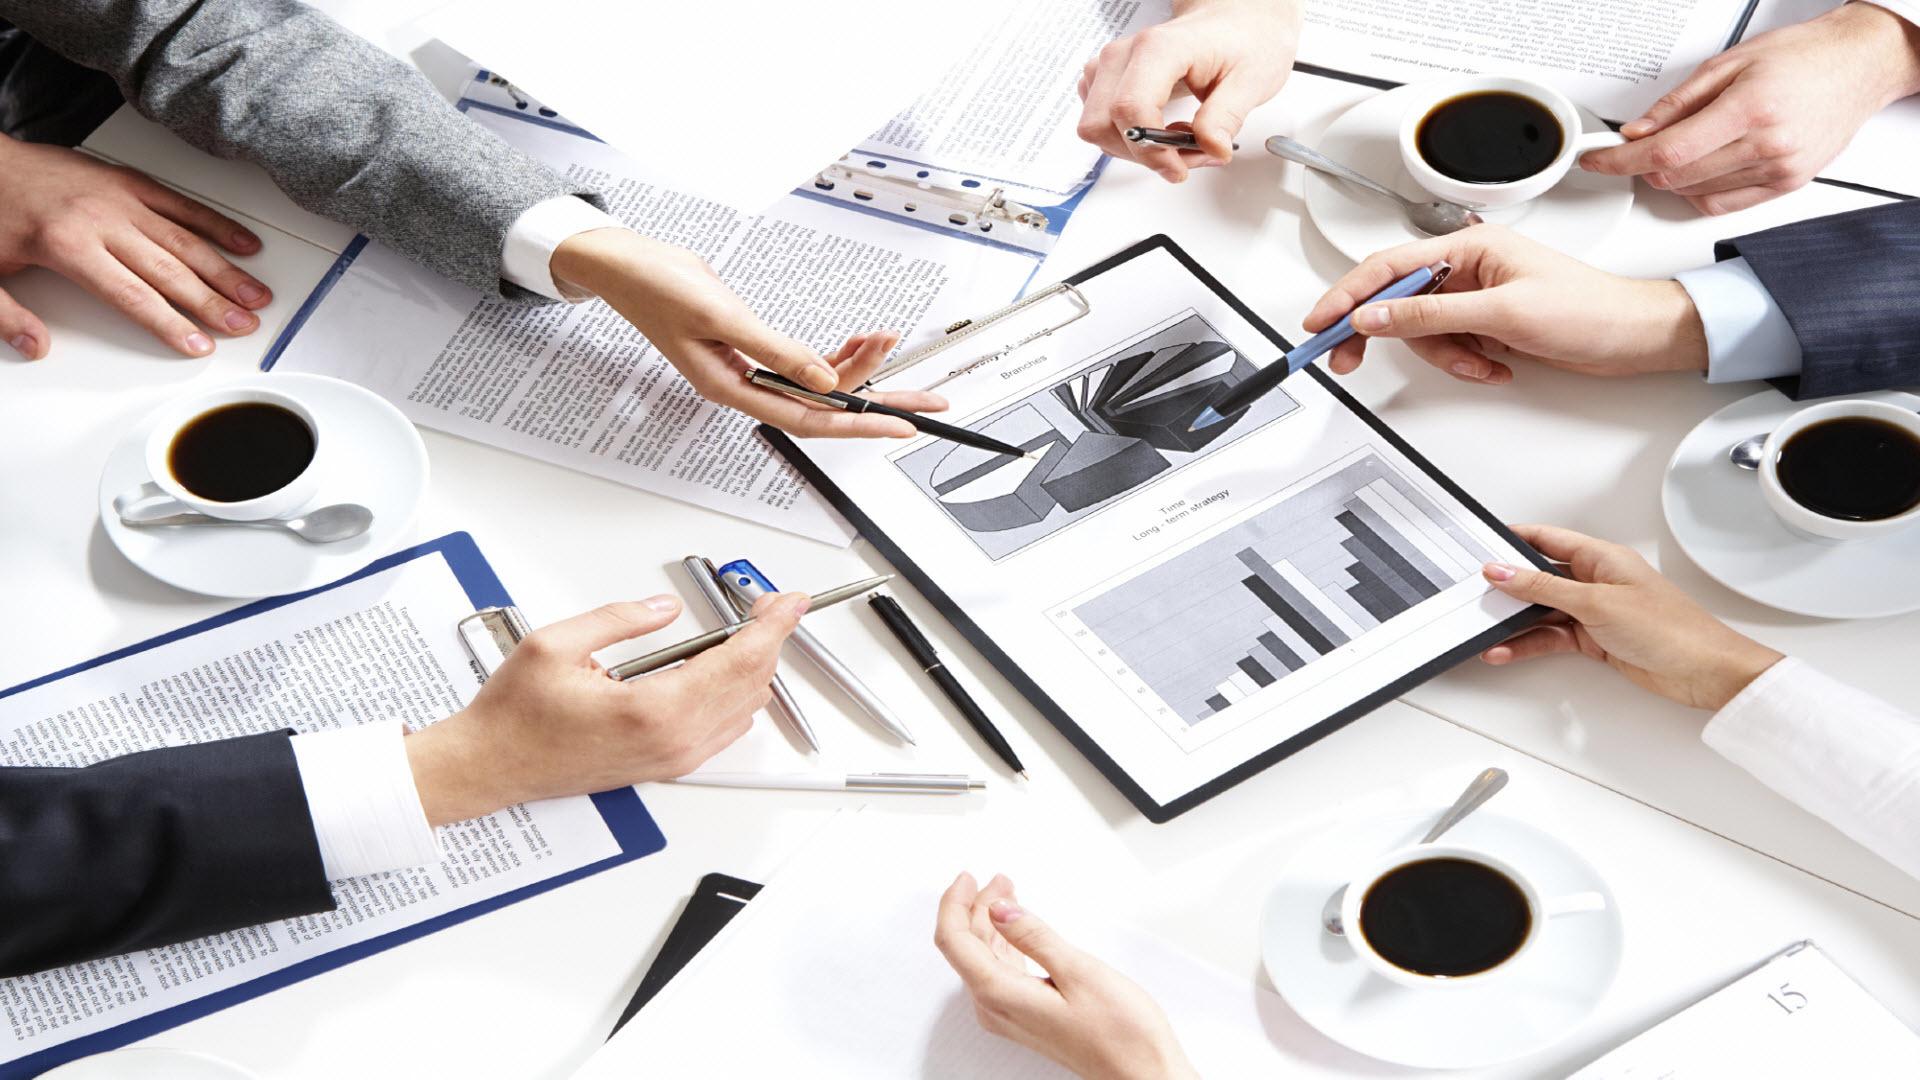 چگونه از شاخص های حاشیه ای در مدیریت مالی بهره ببریم؟